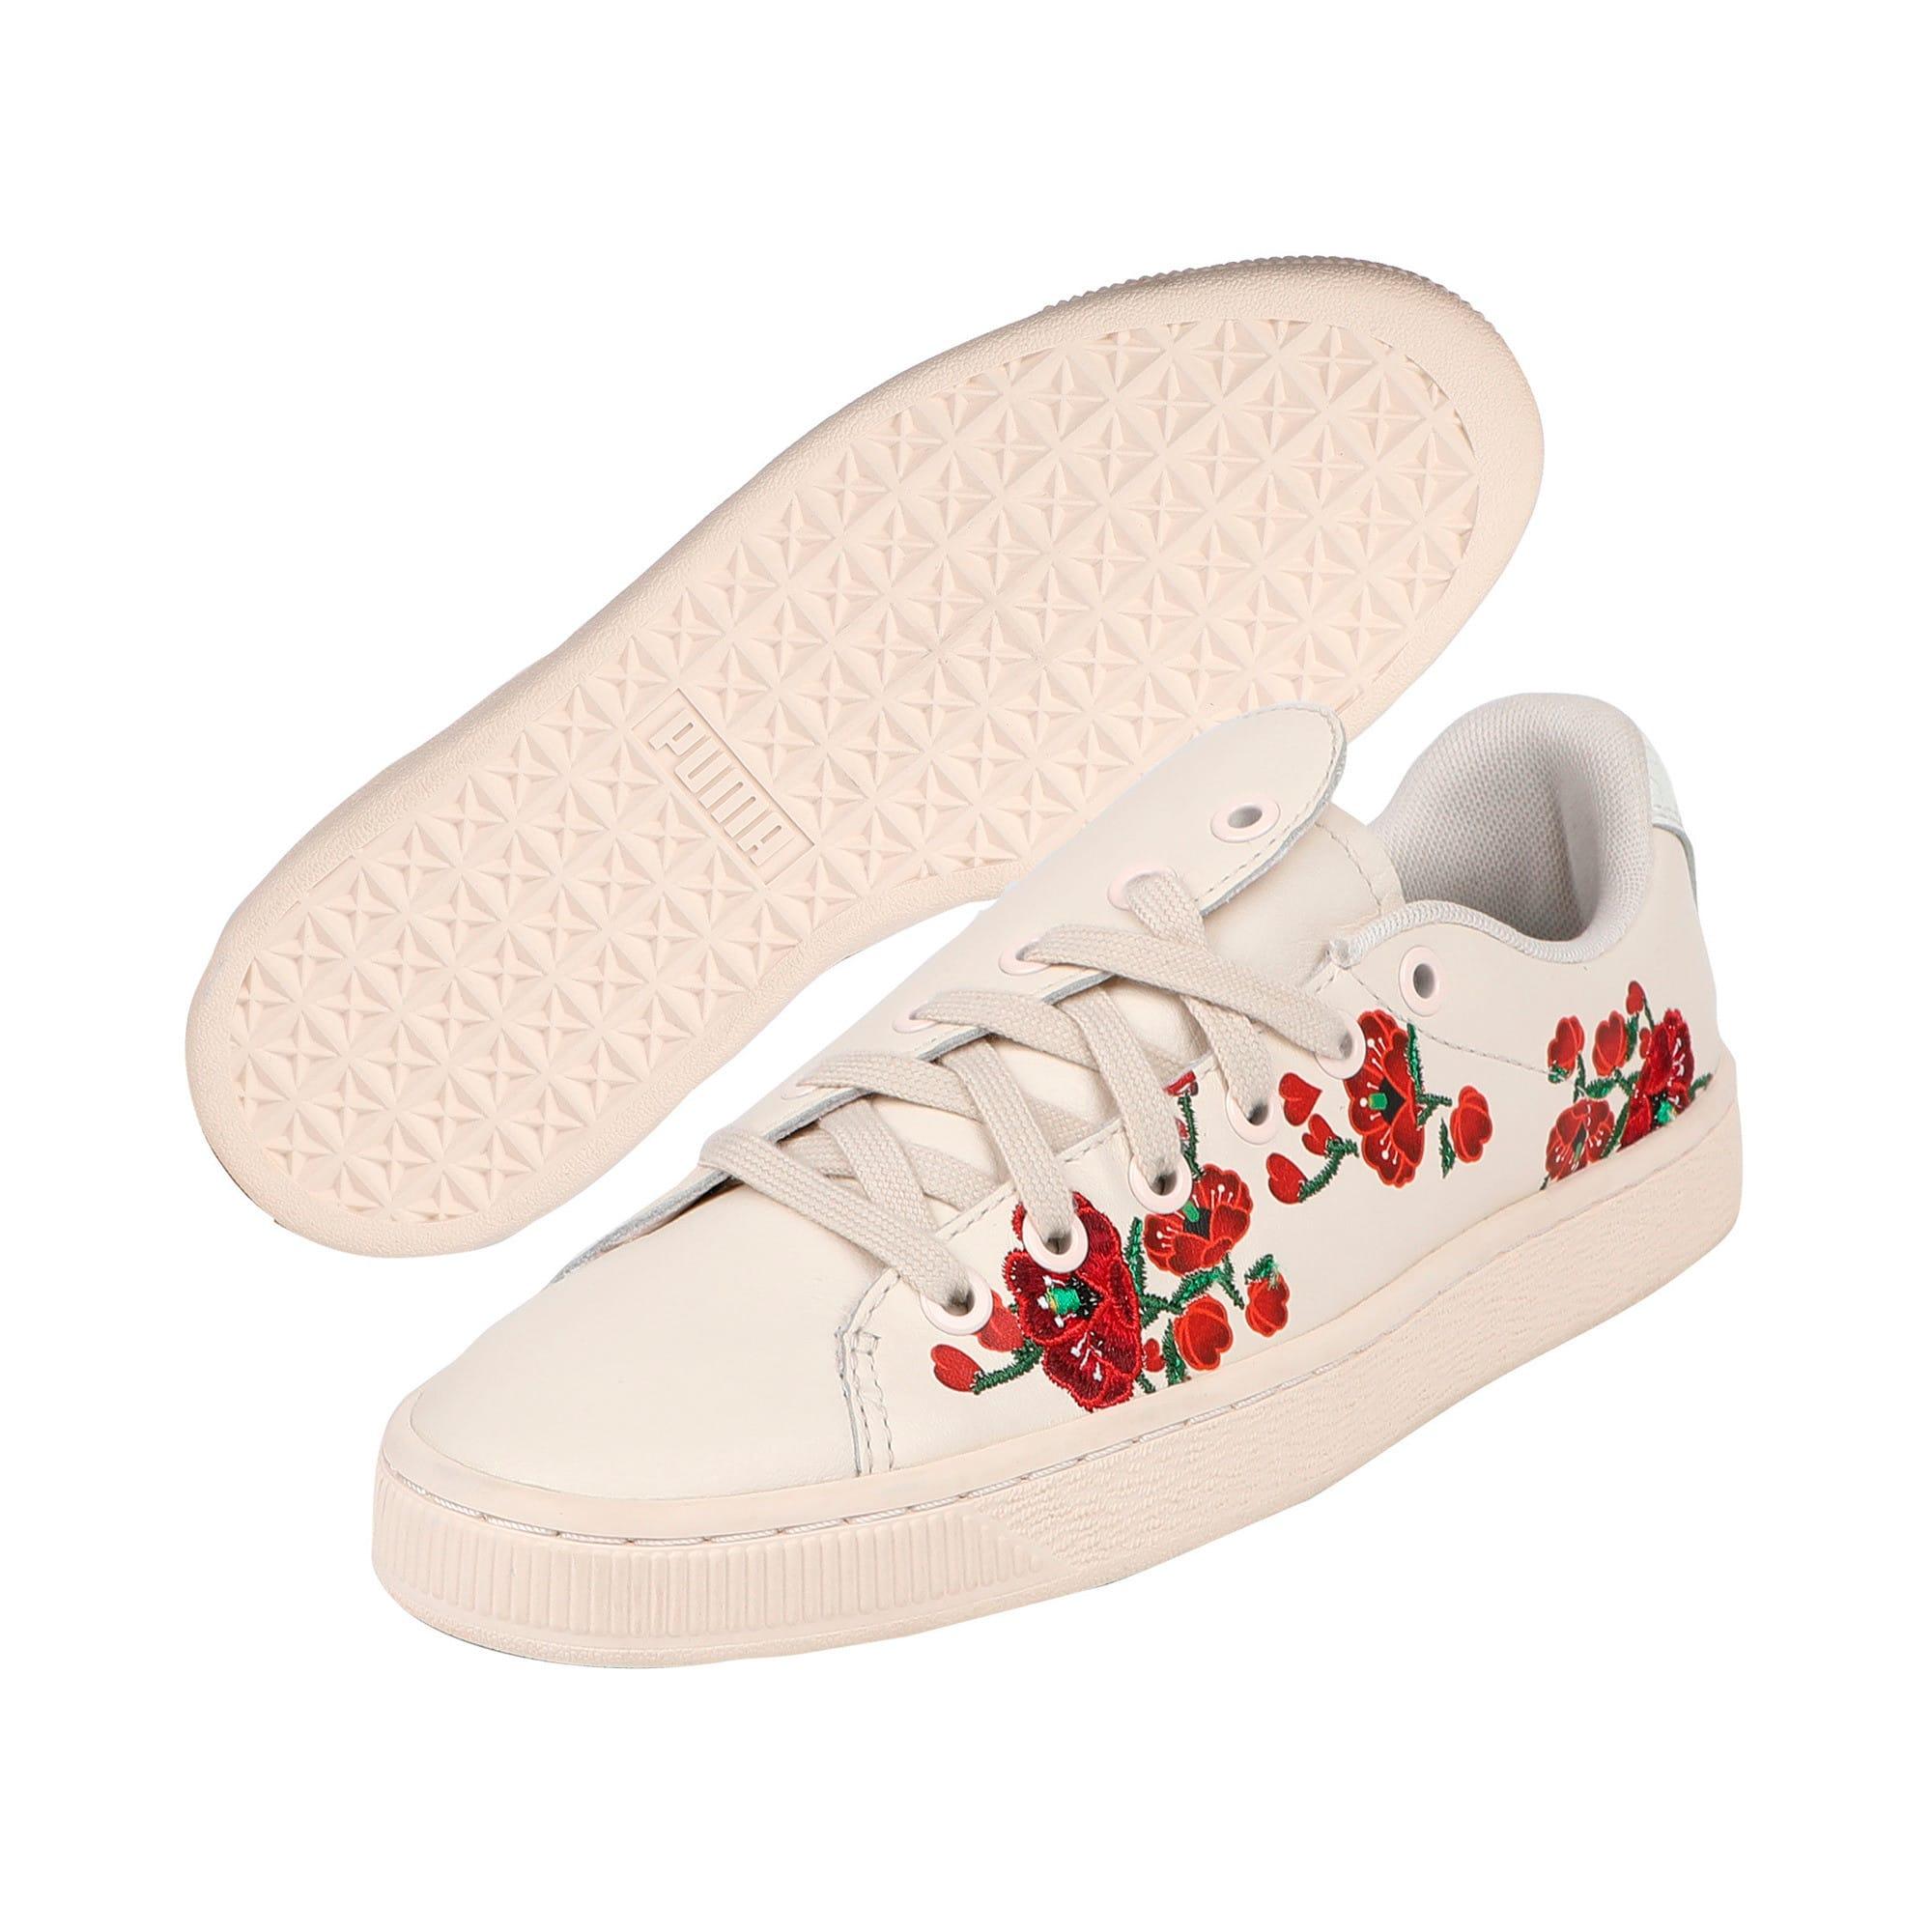 """Thumbnail 3 of PUMA x SUE TSAI """"Cherry Bombs"""" Women's Shoes, Powder Puff-Powder Puff, medium-IND"""